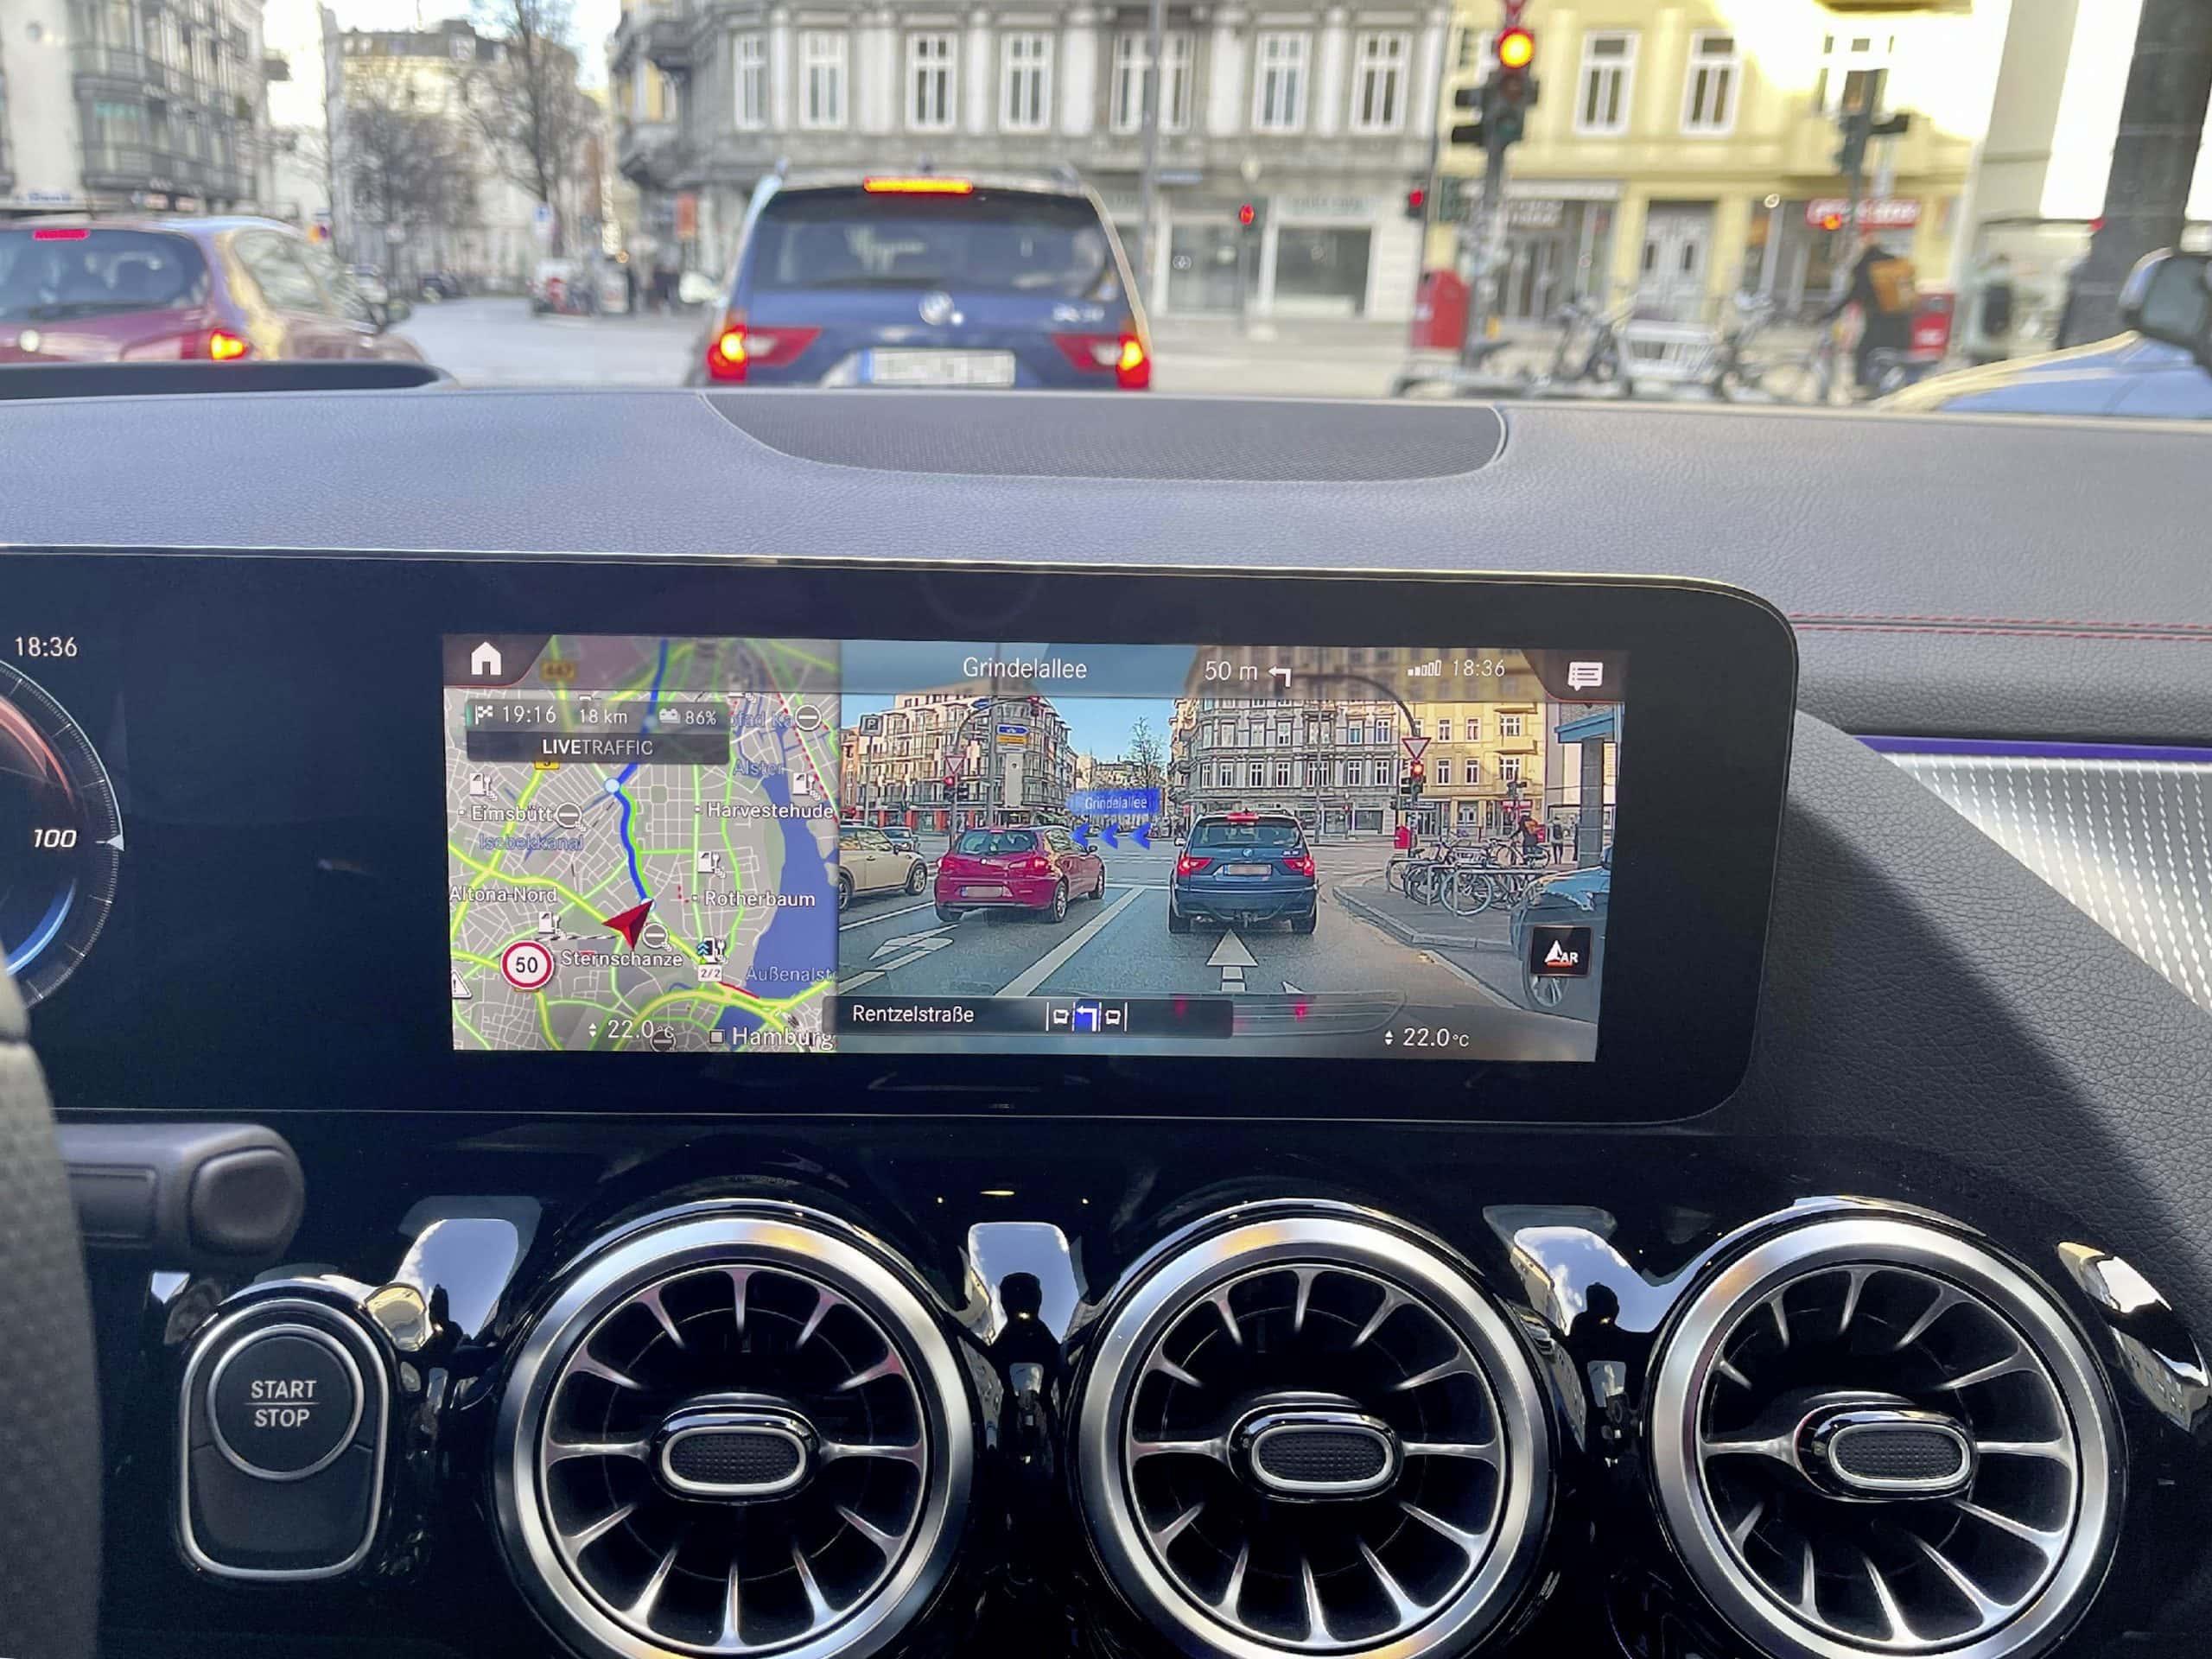 Navigation: Die Richtungsangaben sowie Straßennamen werden in das Live-Bild projiziert.